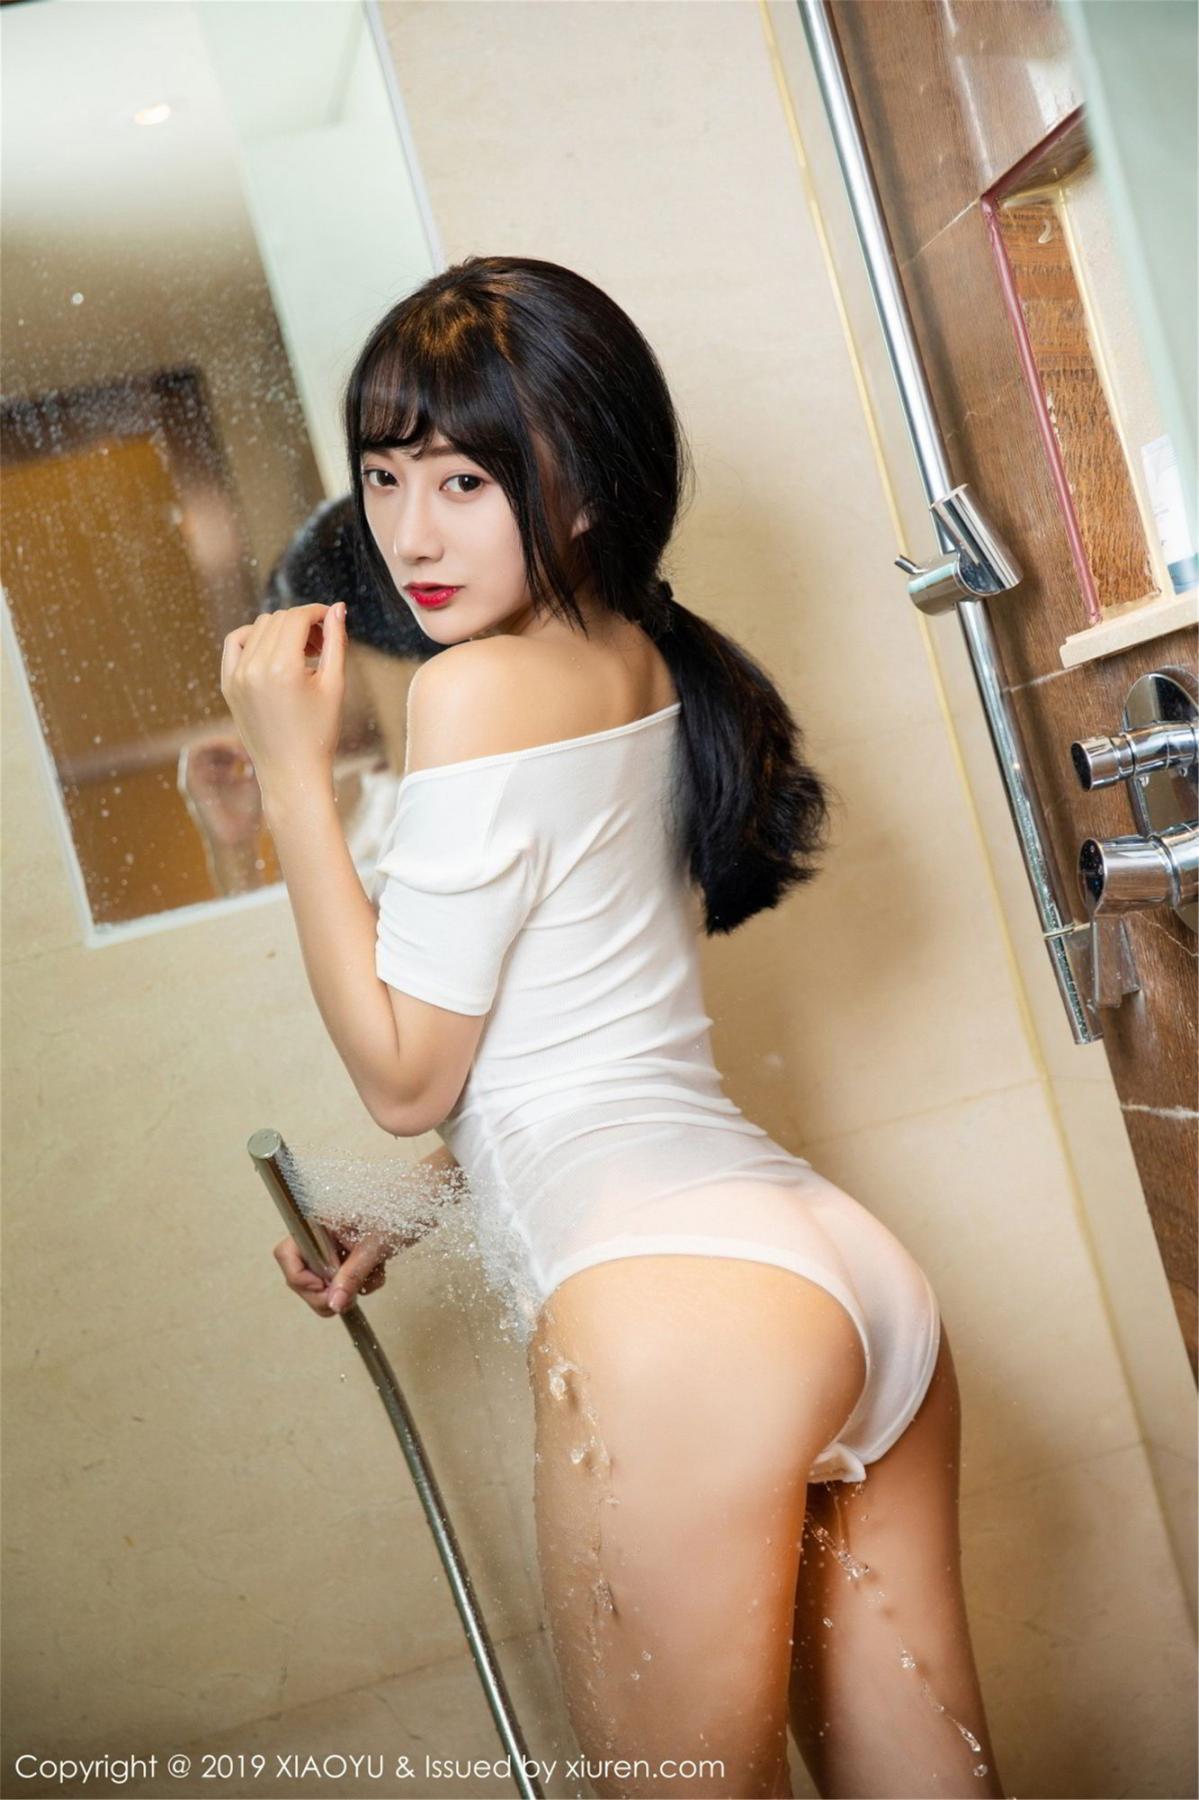 [XiaoYu] Vol.116 He Jia Ying 36P, Bathroom, He Jia Ying, Wet, XiaoYu